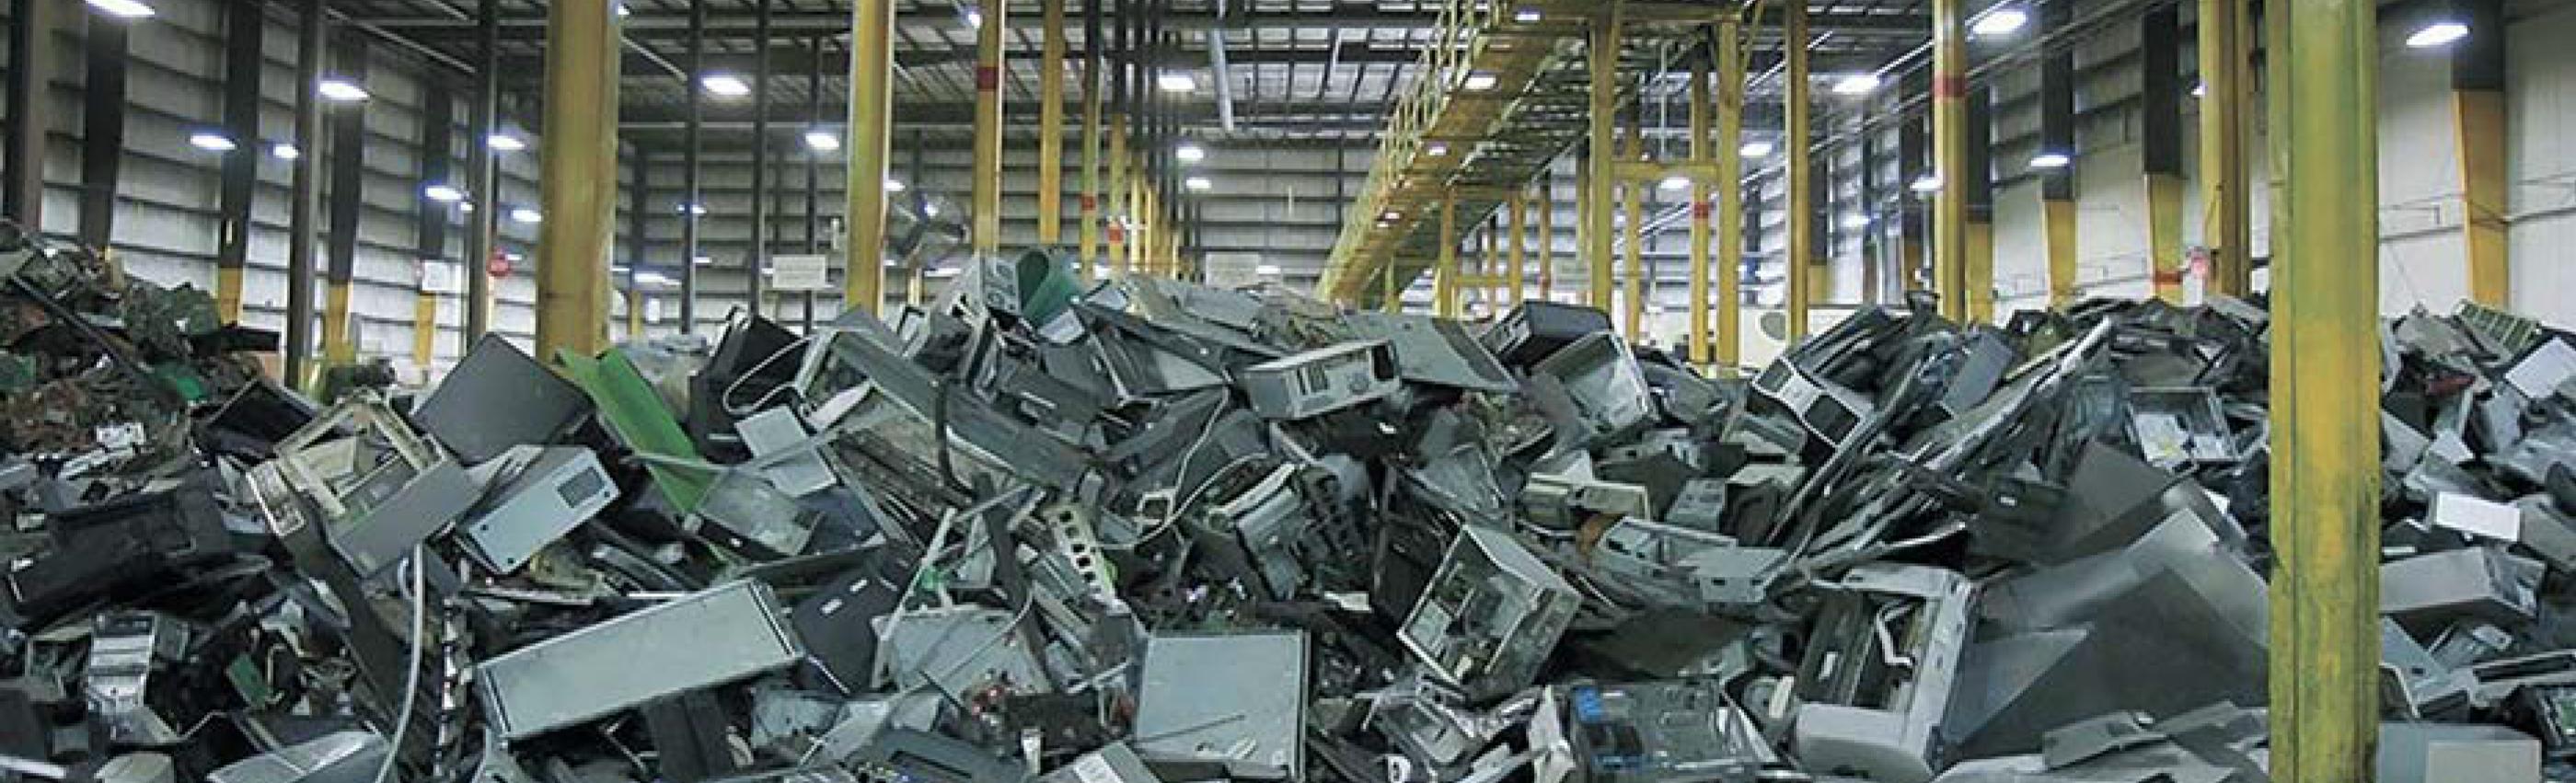 производственные отходы